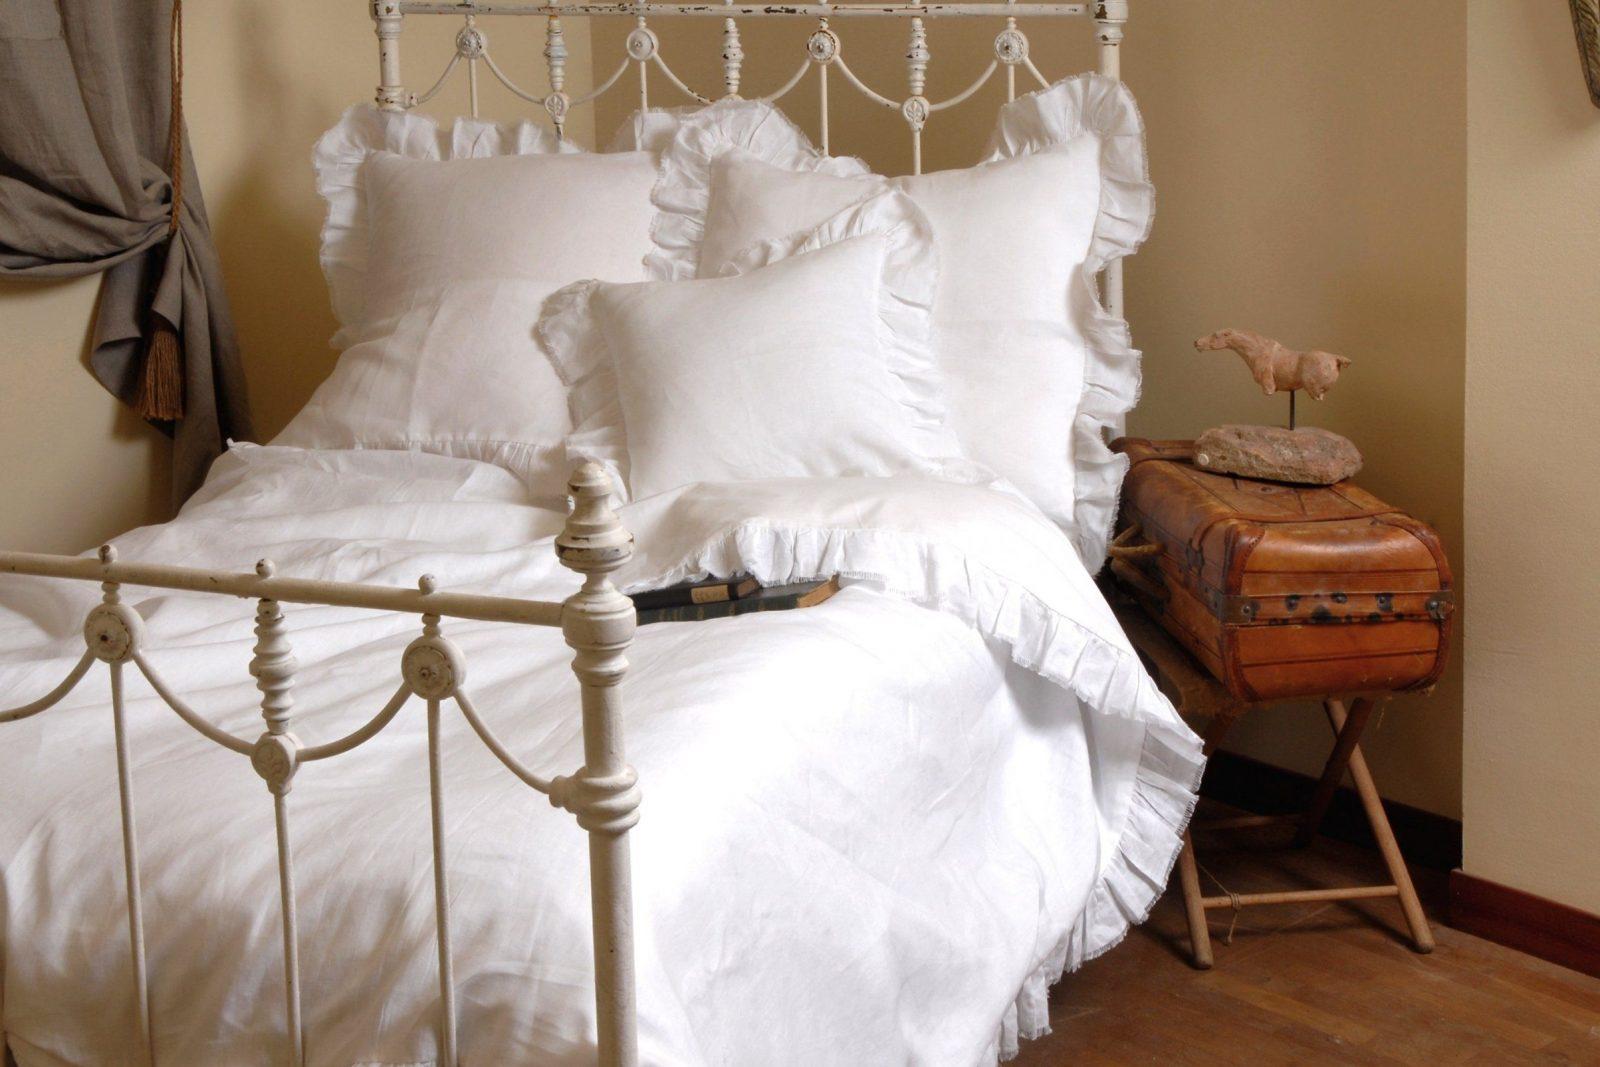 Charmante Ideen Weiße Bettwäsche Mit Rüschen Und Wunderbare Bdt Das von Bettwäsche Mit Rüschen Bild